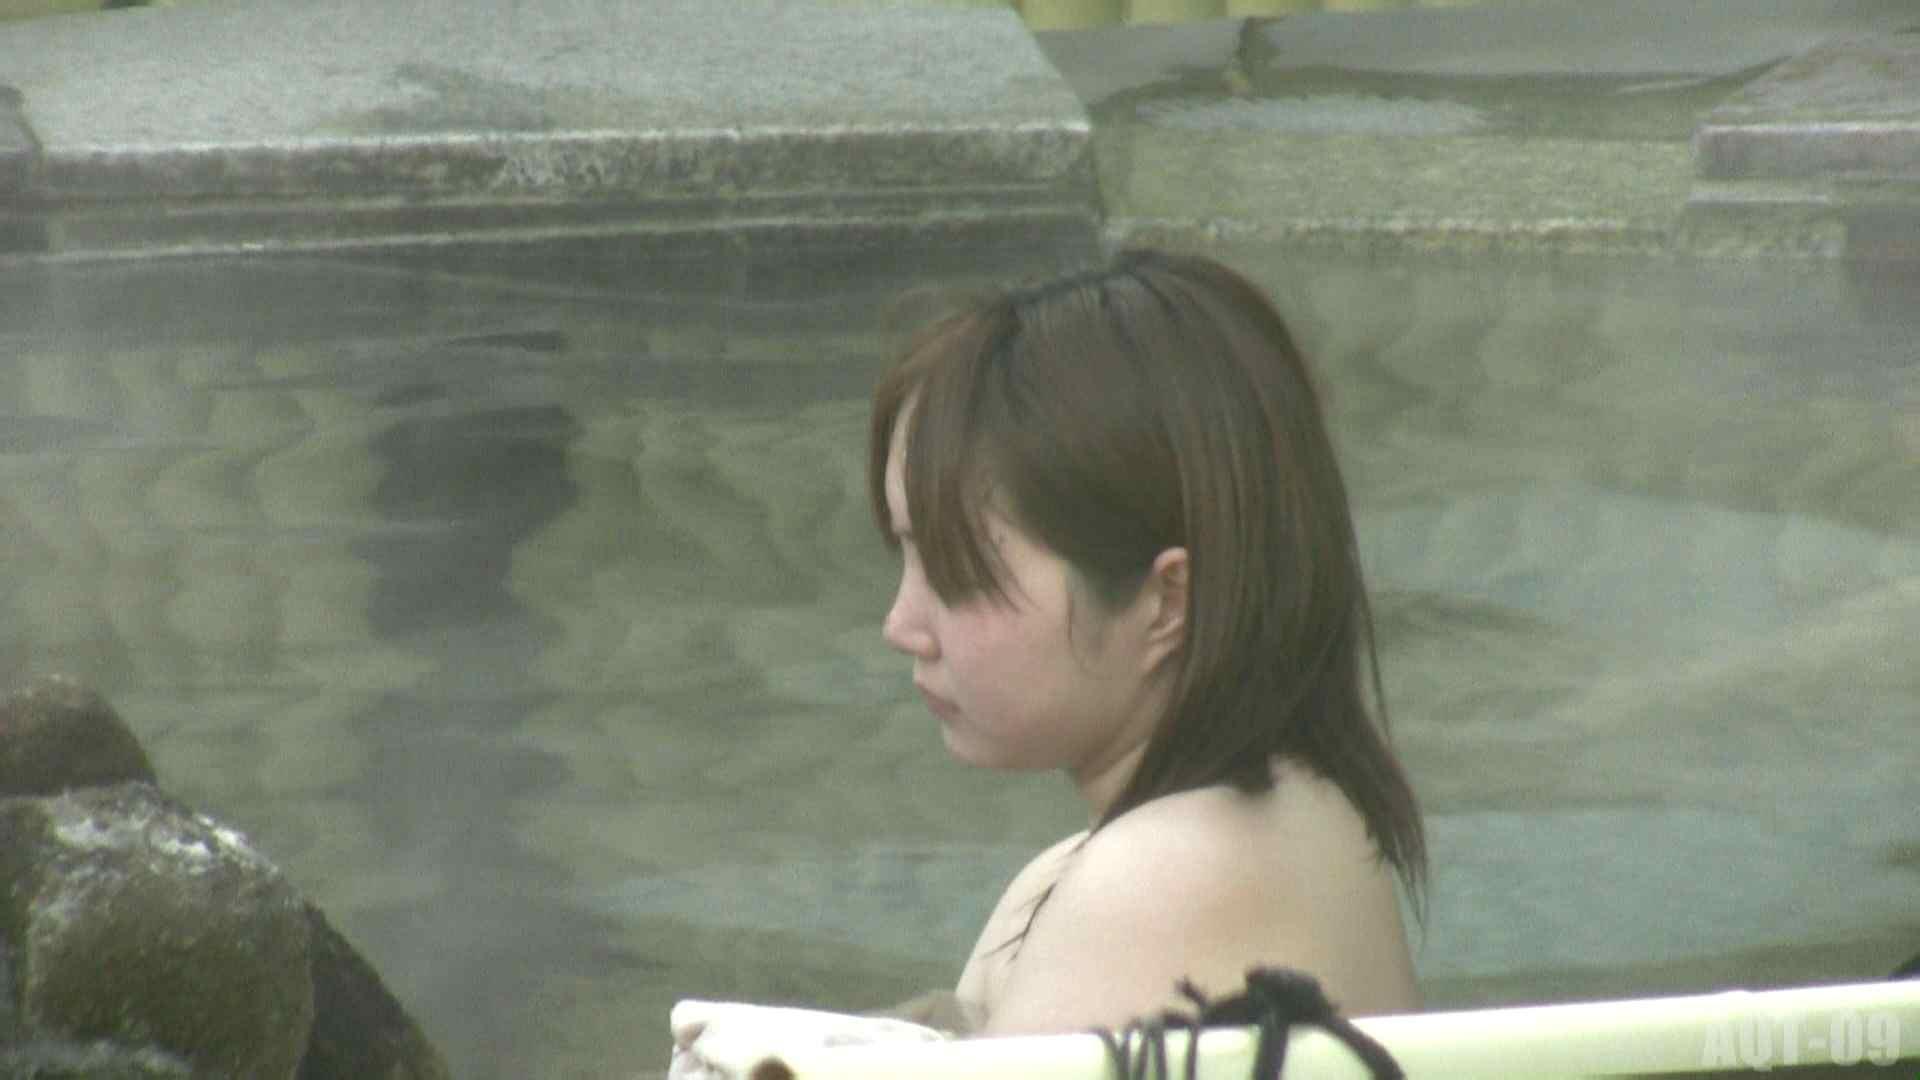 Aquaな露天風呂Vol.781 盗撮  110画像 45